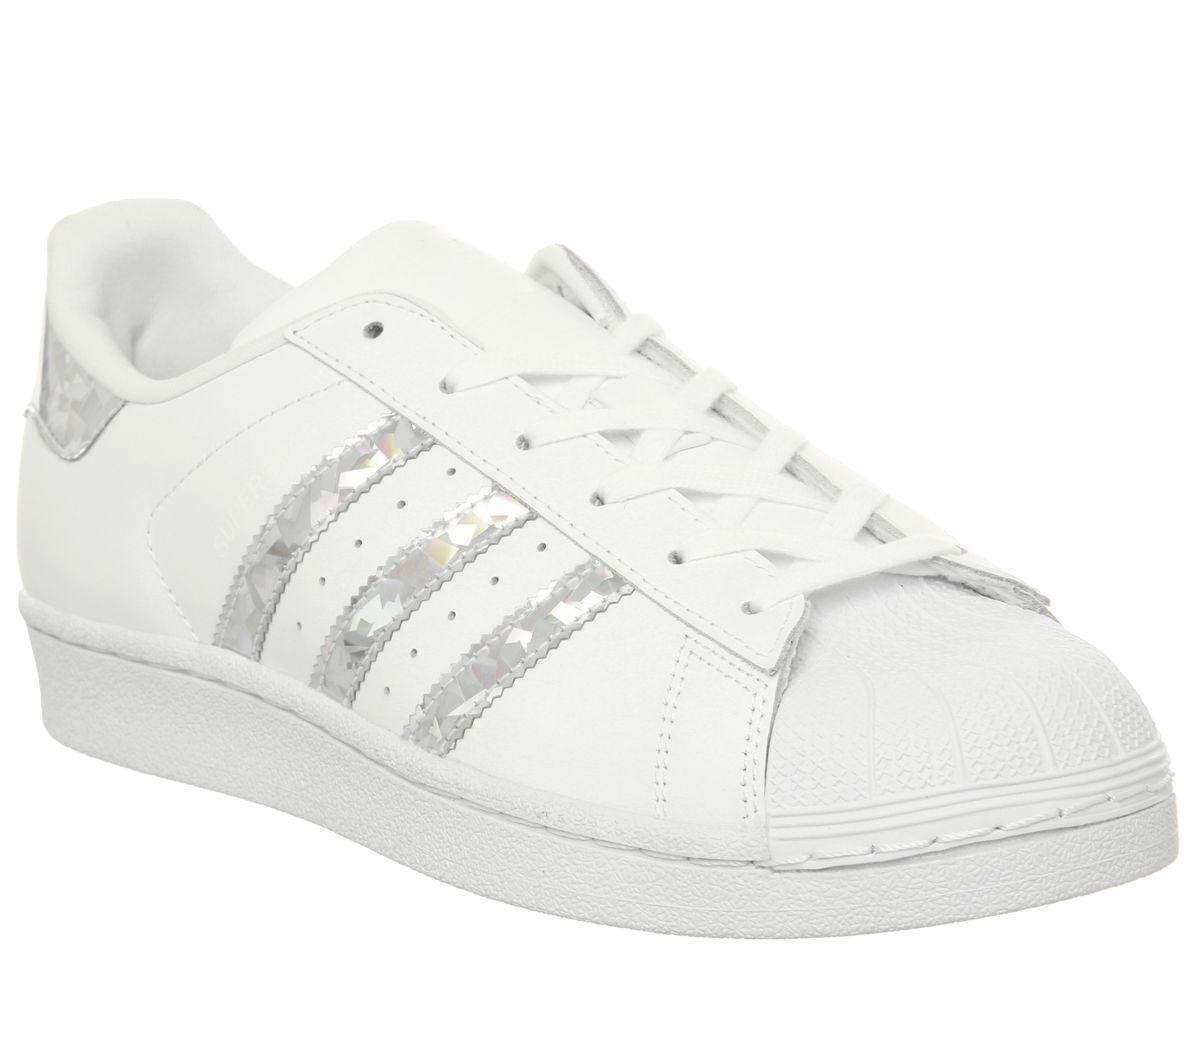 Detalles acerca de Zapatillas para mujer Adidas Superstar GS Blanco Plata Holográfica Zapatillas Zapatos mostrar título original